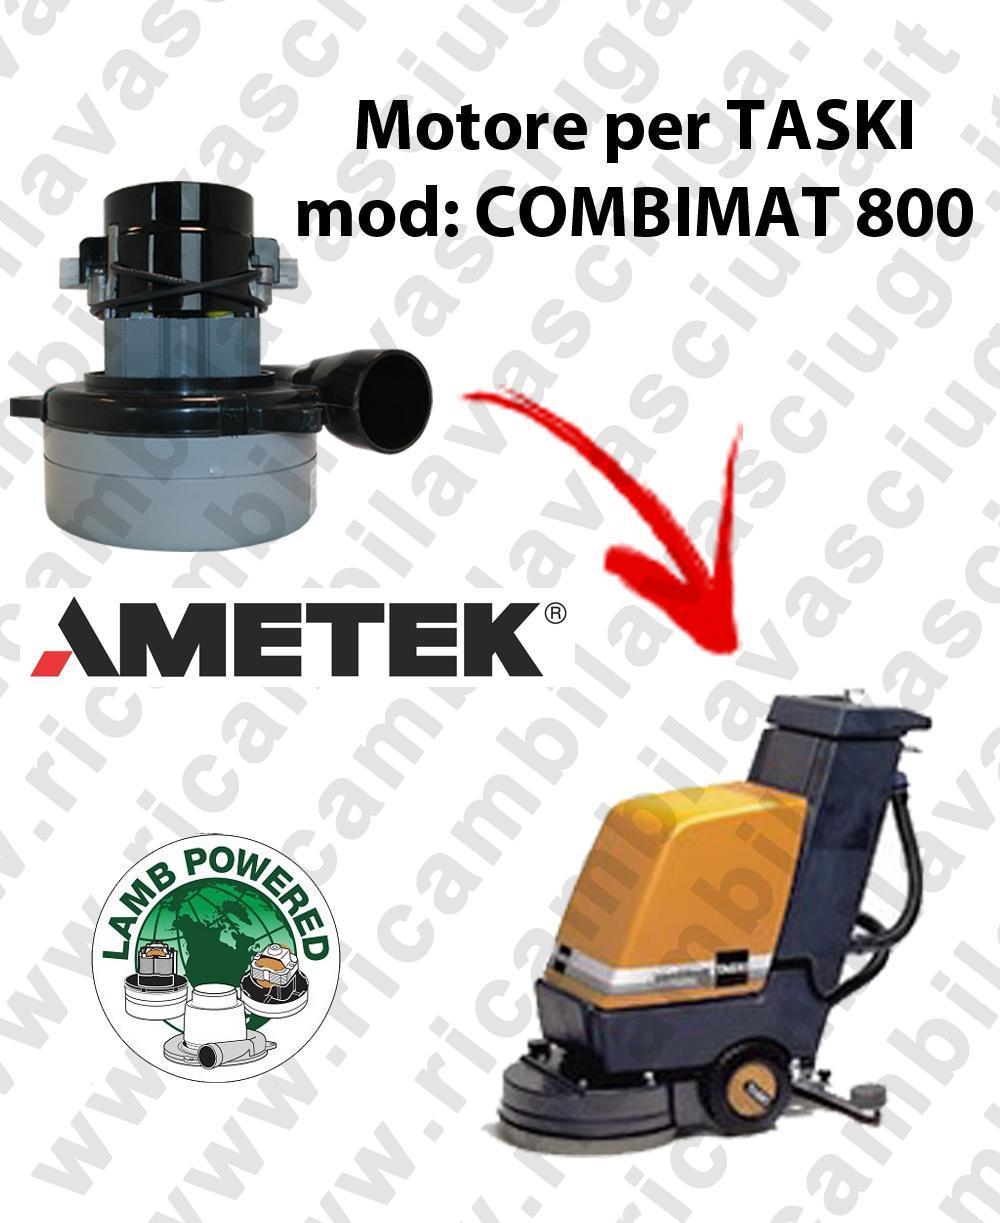 COMBIMAT 800 MOTEUR ASPIRATION LAMB AMATEK pour autolaveuses TASKI